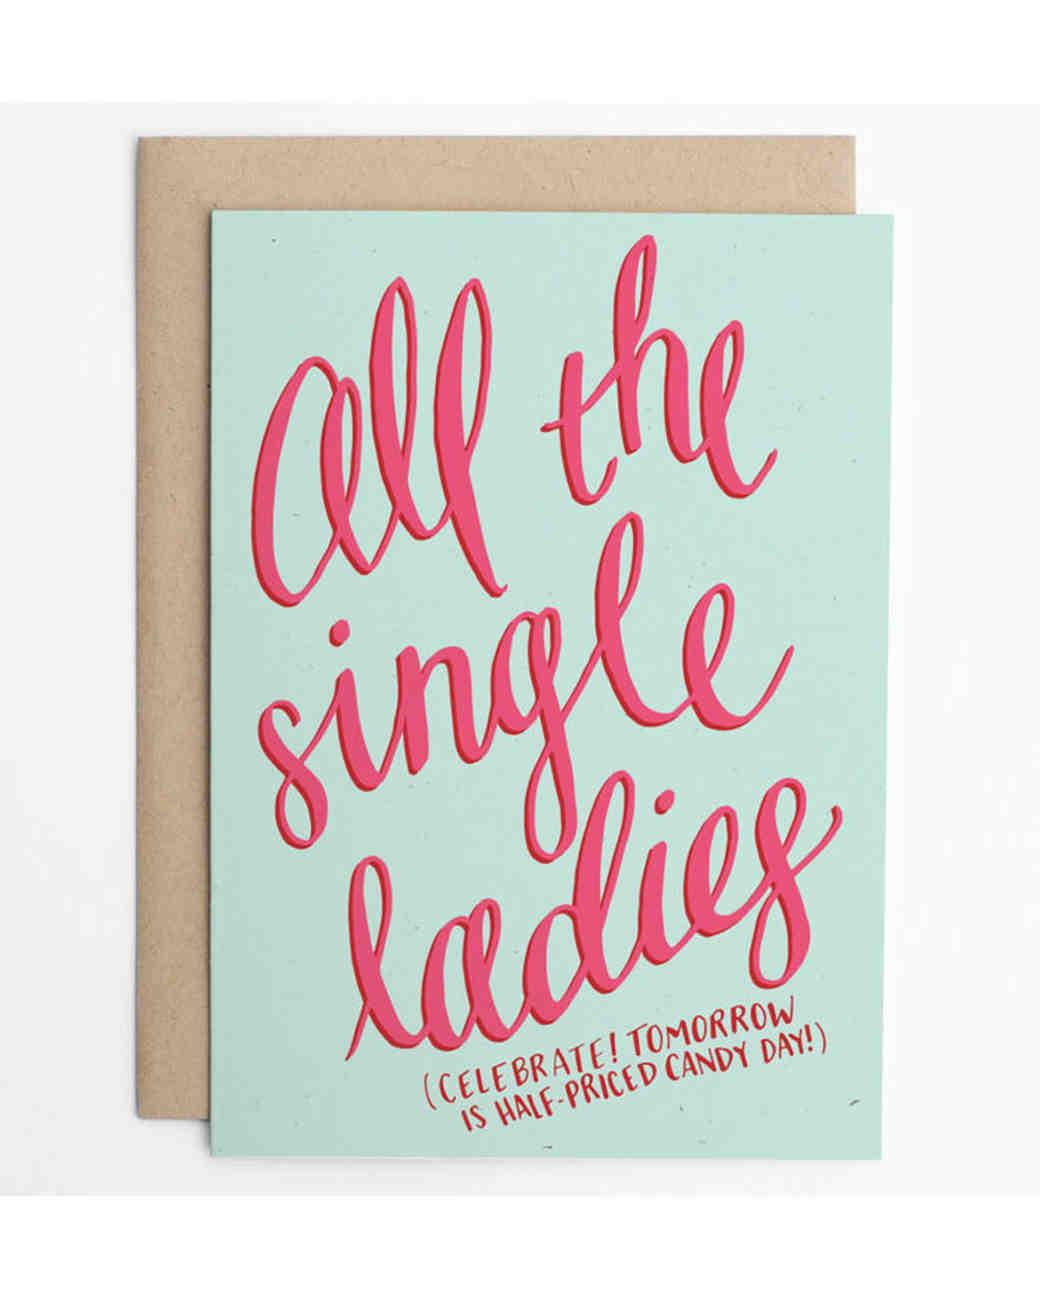 funny-valentines-card-galentines-single-ladies-0216.jpg